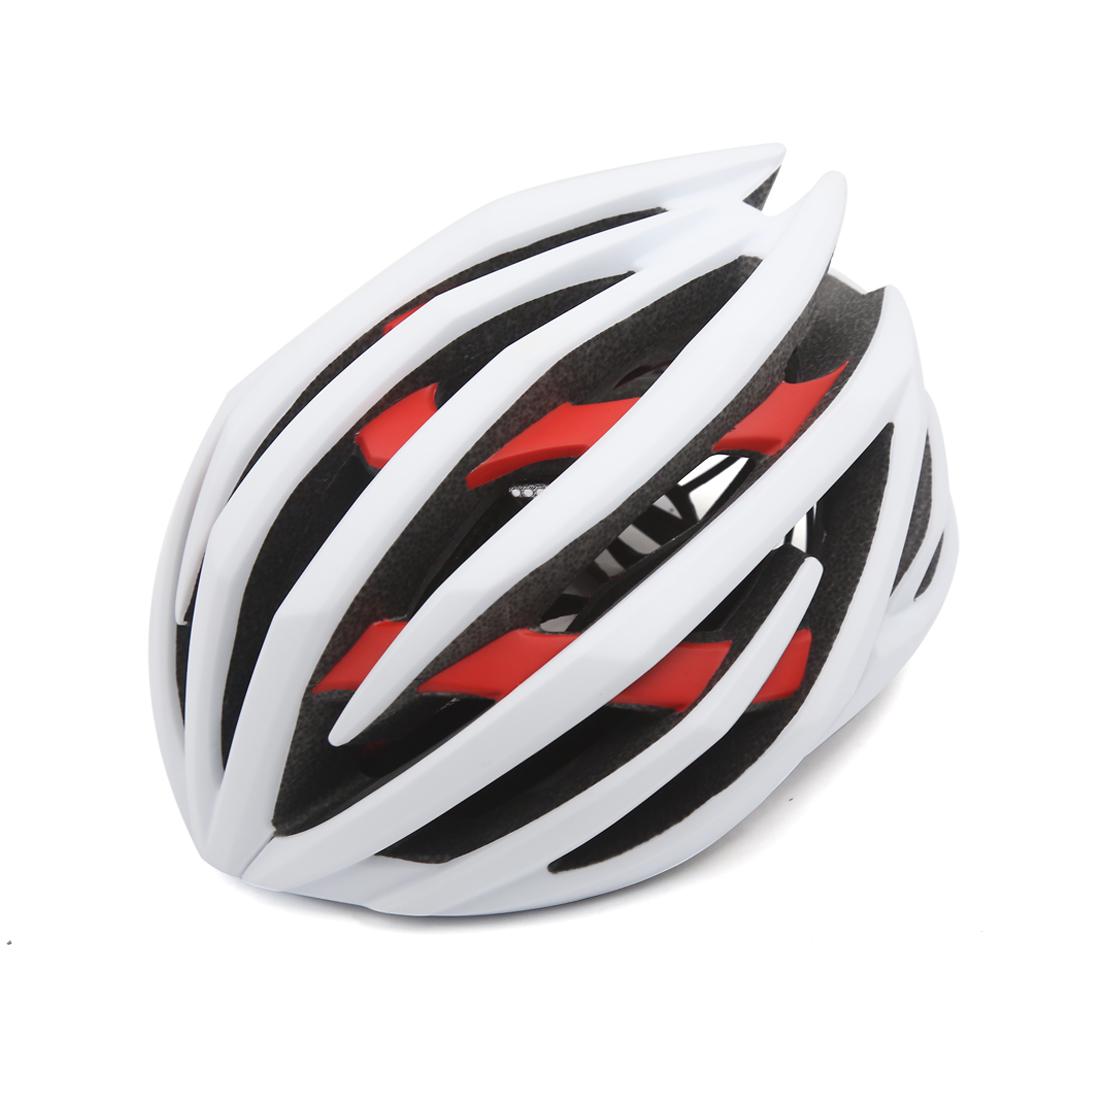 White Red Shockproof Ultralight Integrally Molded EPS Mountain Bike Helmet